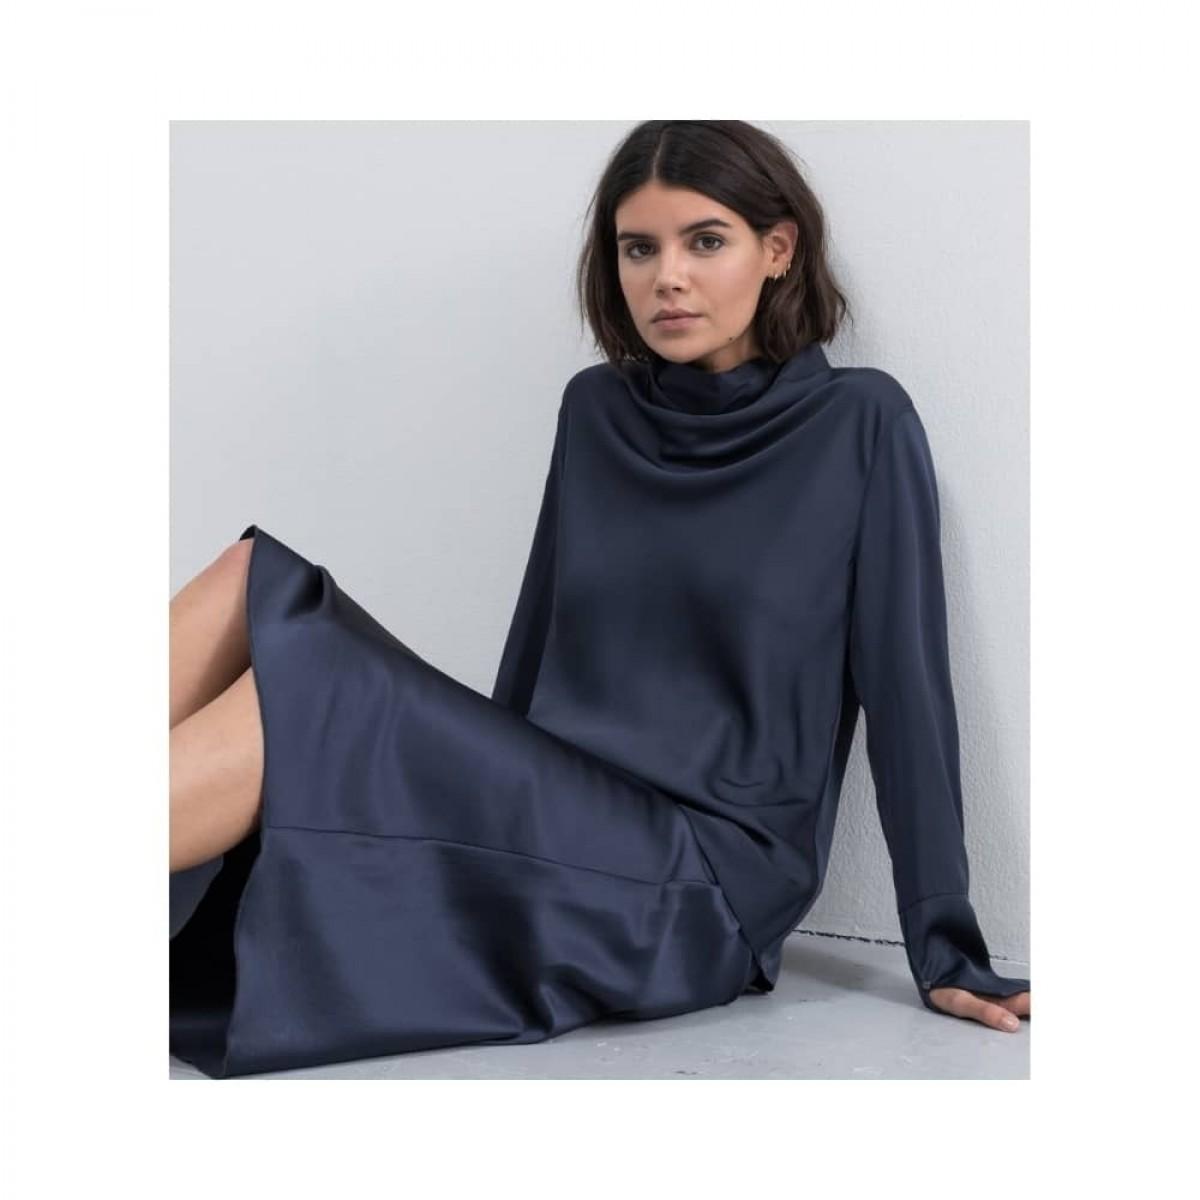 hana nederdel - blue grey - siddende model